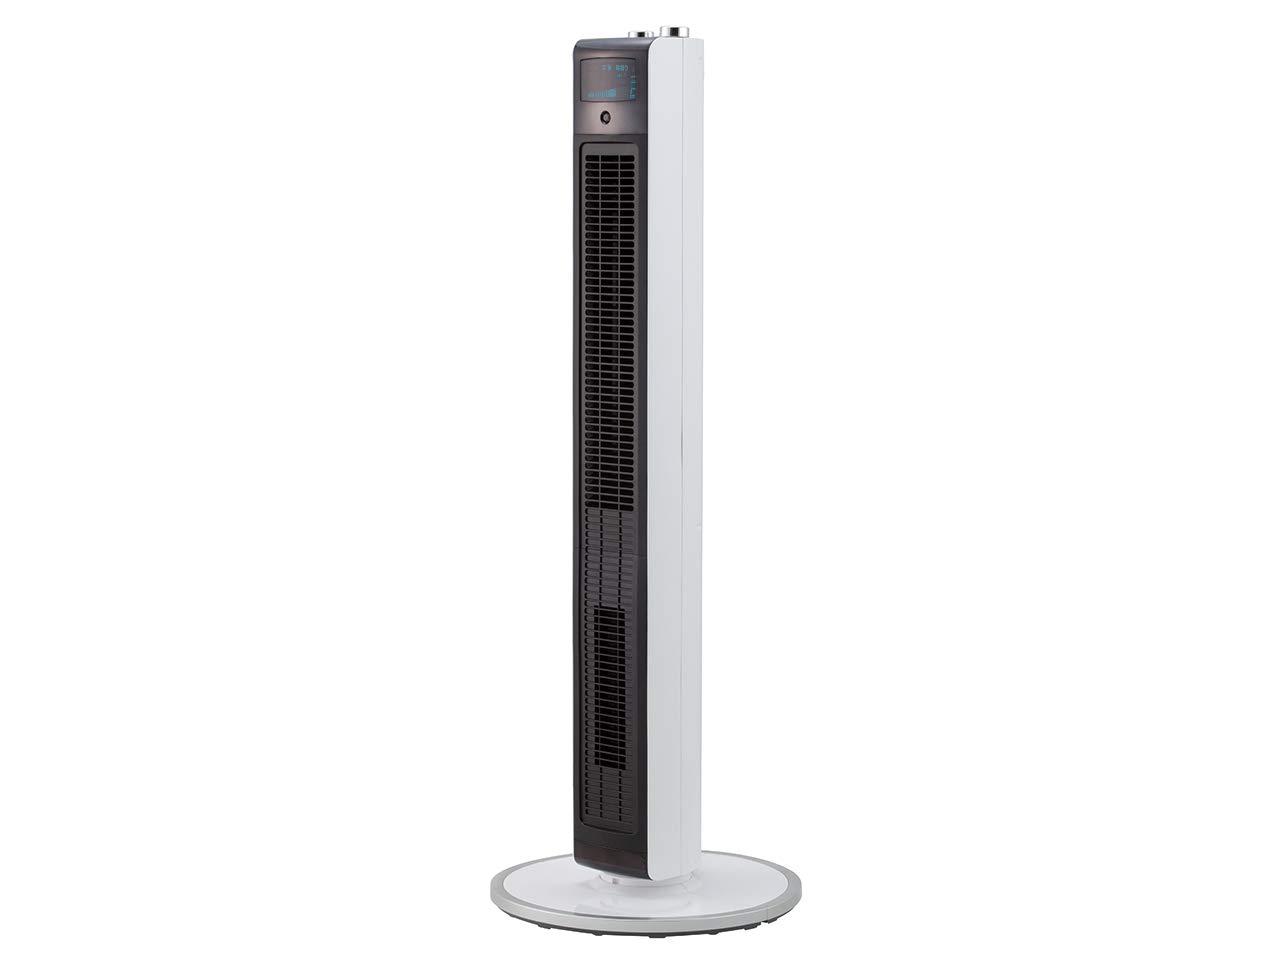 ベストセラー コイズミ 扇風機 ホット&クール 扇風機 ハイタワーファン コイズミ ホワイト KHF-1291 B07PXBY2JP/W B07PXBY2JP, MRM:a79890b4 --- diesel-motor.pl